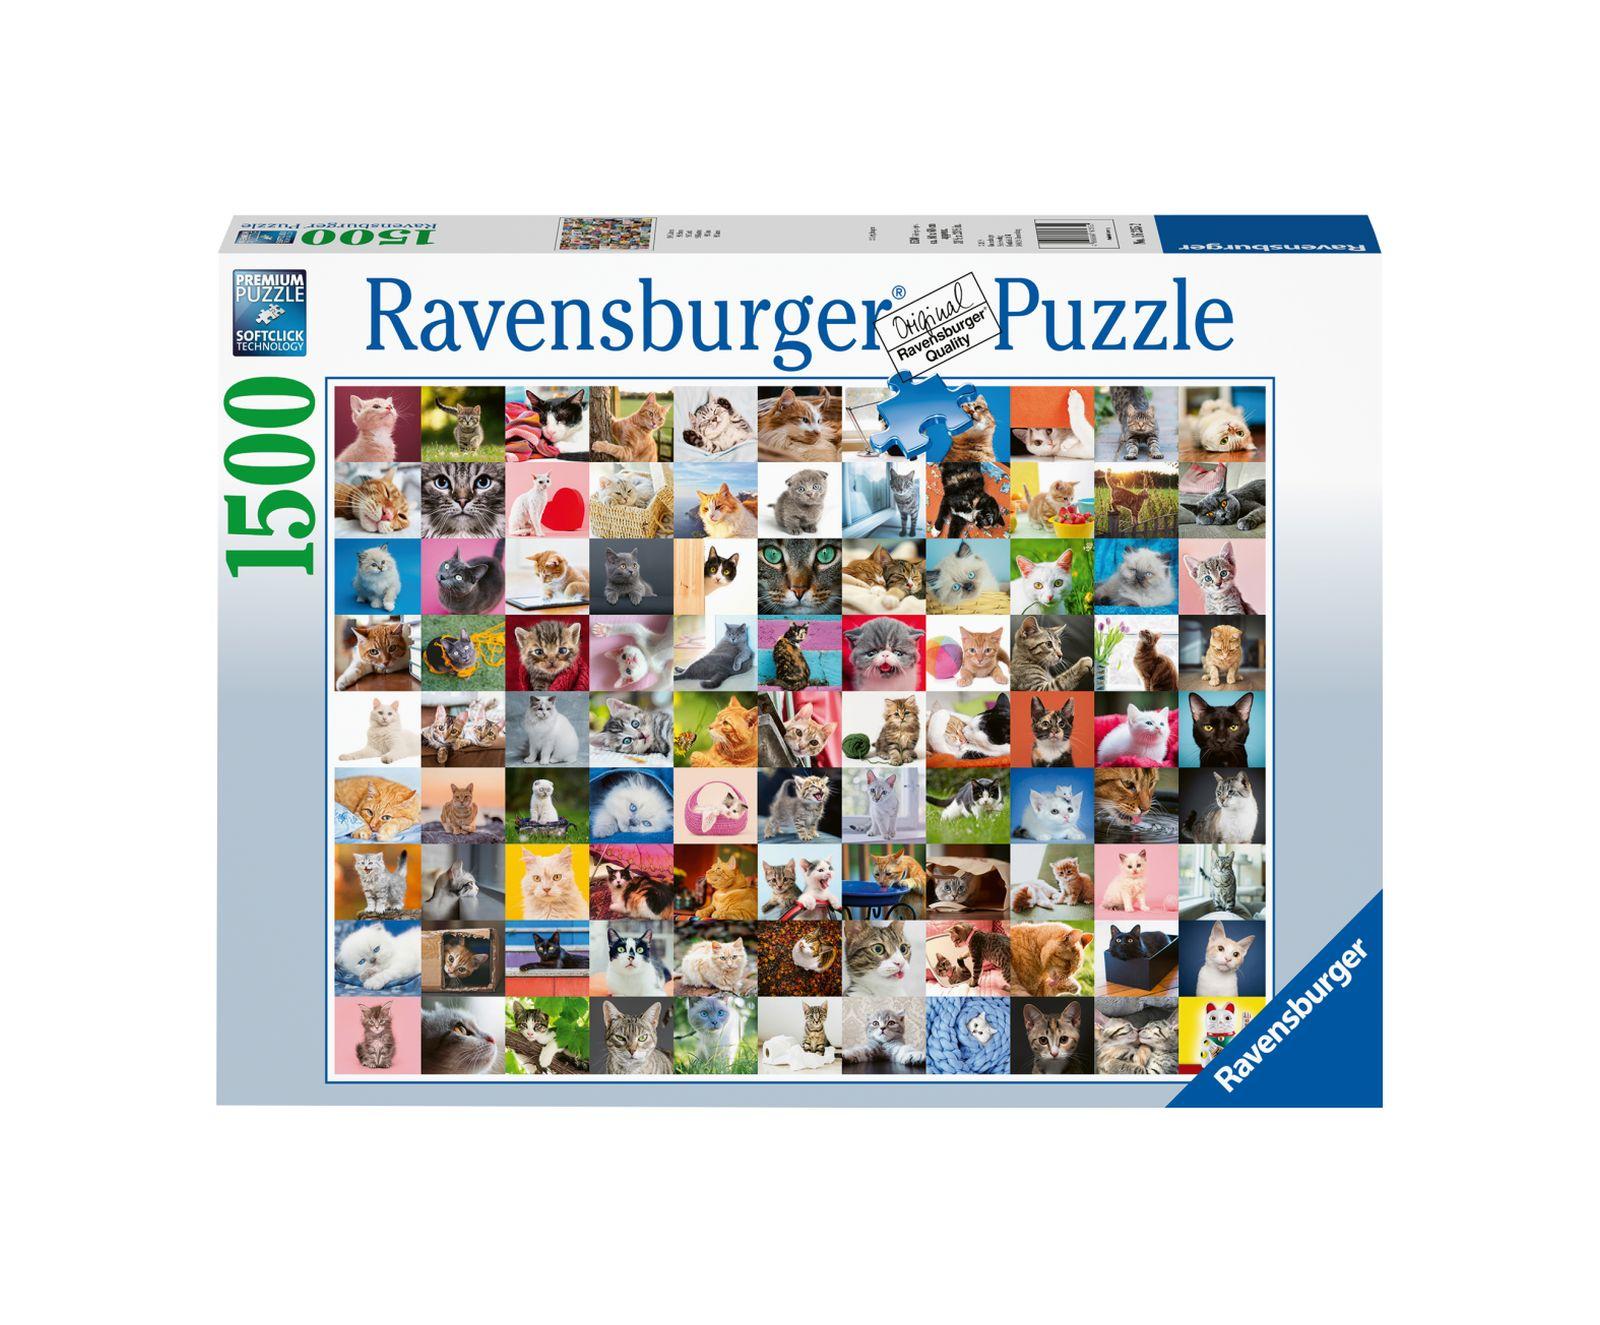 Ravensburger puzzle 1500 pezzi 99 gatti - Ravensburger1